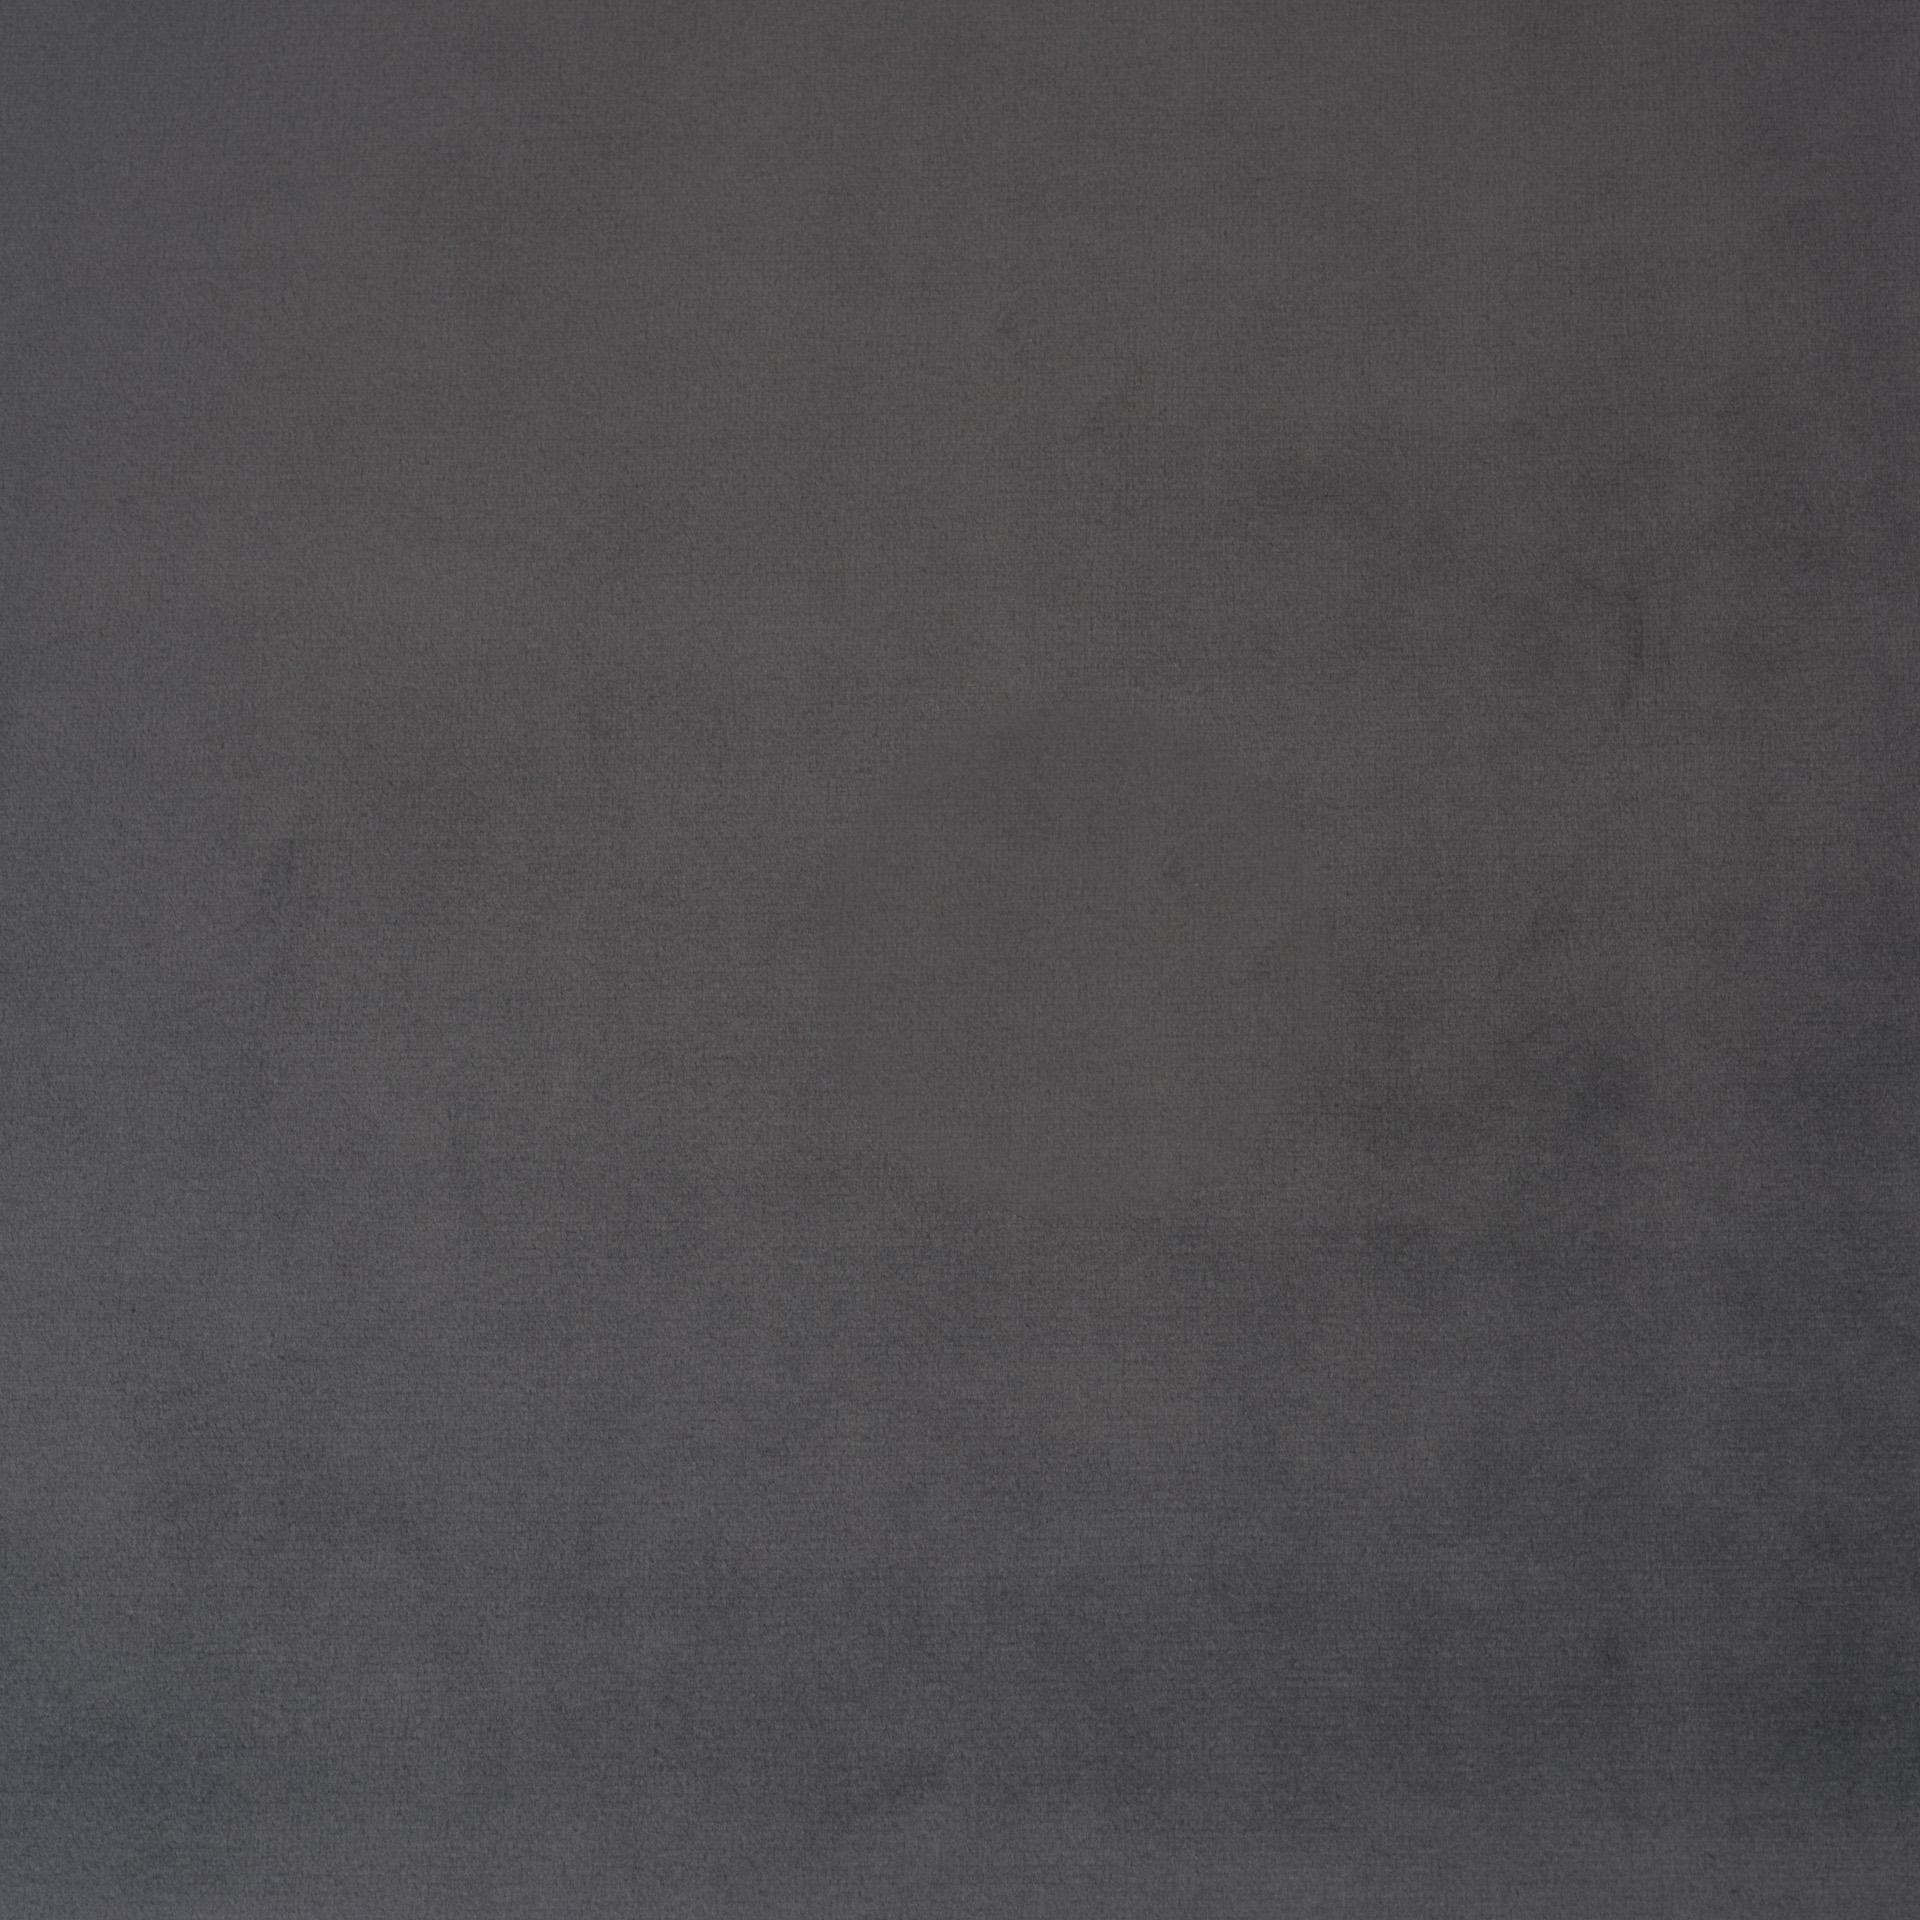 Коллекция ткани Альмира 22 ROYAL GREY,  купить ткань Велюр для мебели Украина